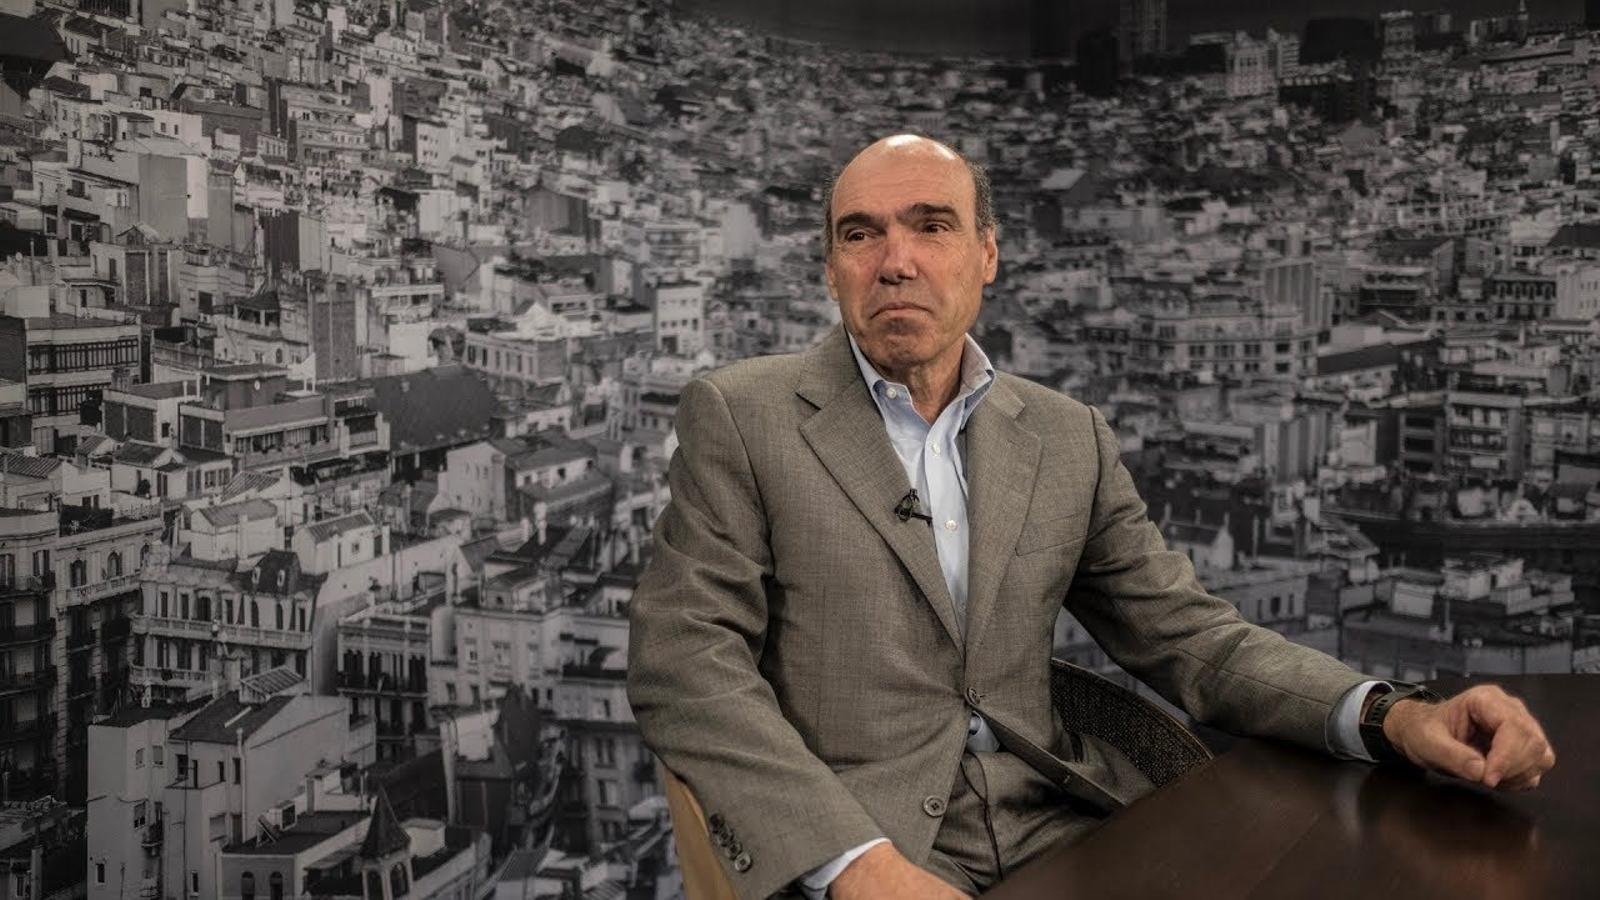 """Antoni Esteve: """"La gent que diu que a la nit no té son dormirà si canvia els seus hàbits"""""""